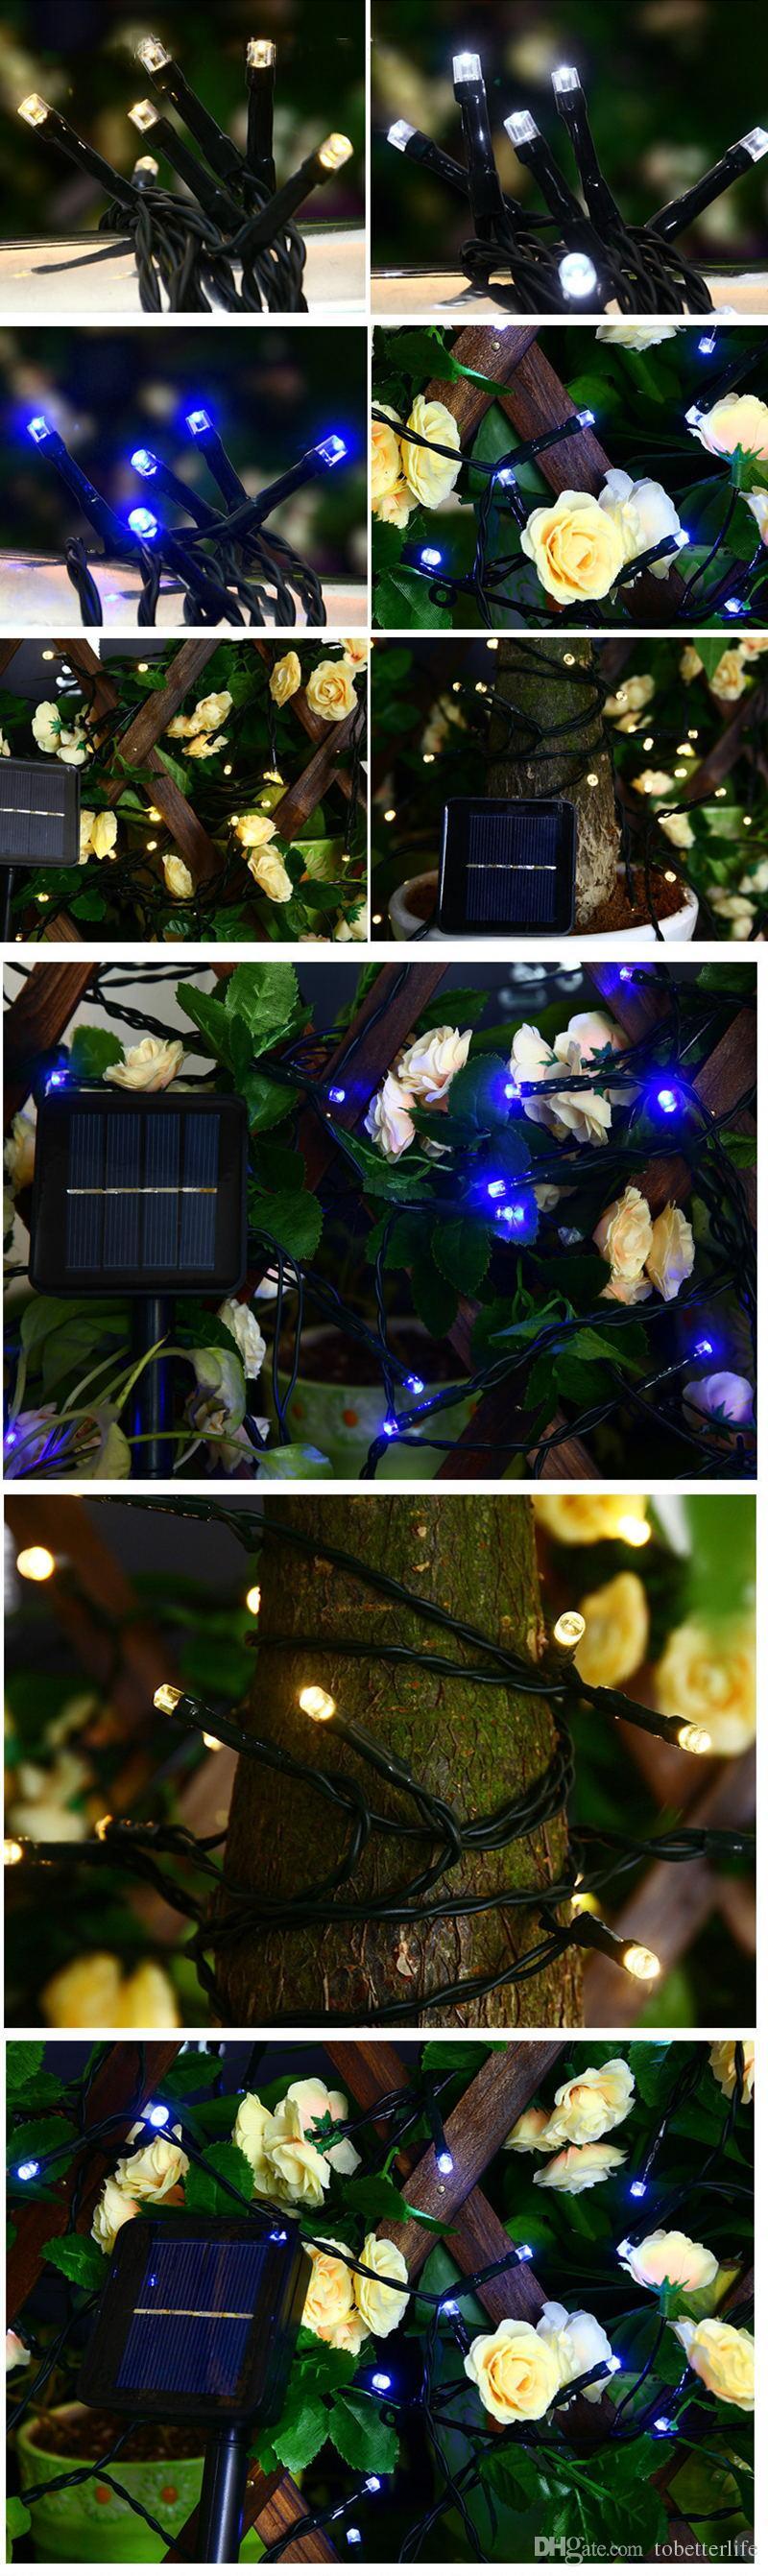 المصابيح الشمسية LED أضواء سلسلة 100LED 200LED في الهواء الطلق الجنية عطلة عيد الميلاد حزب جارلاندز الحديقة حديقة للماء